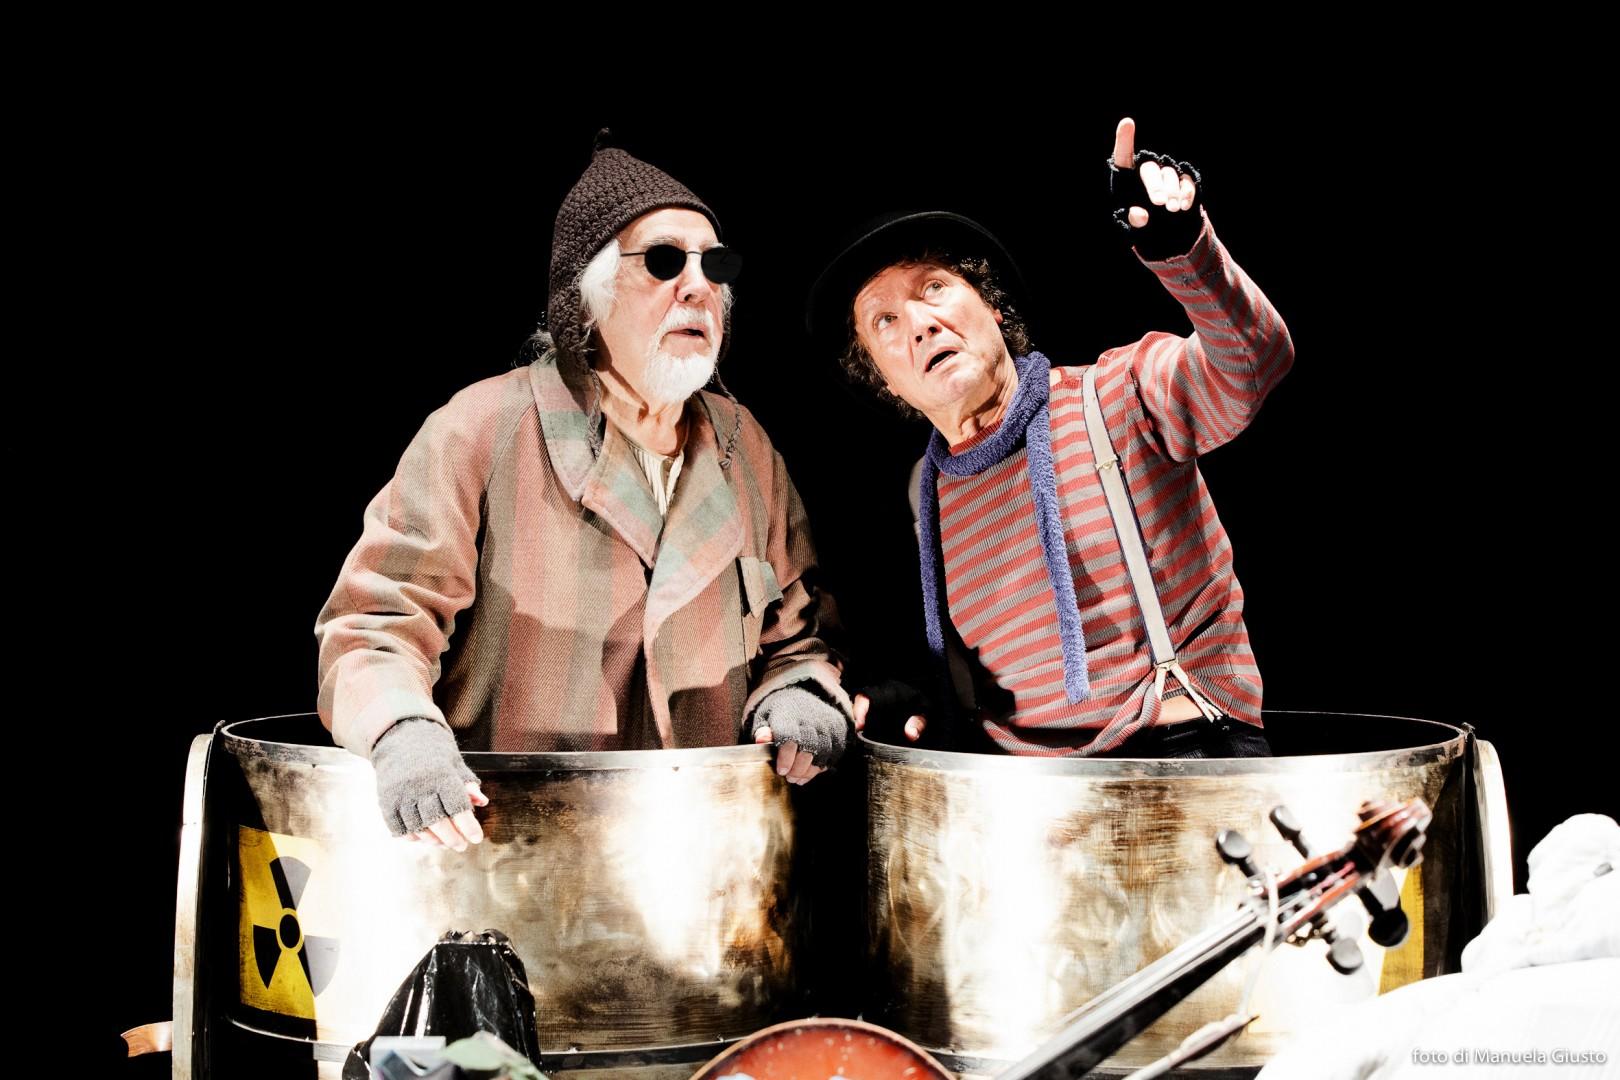 Dal 1 novembre al 23 marzo grandi protagonisti dello spettacolo al teatro Signorelli di Cortona